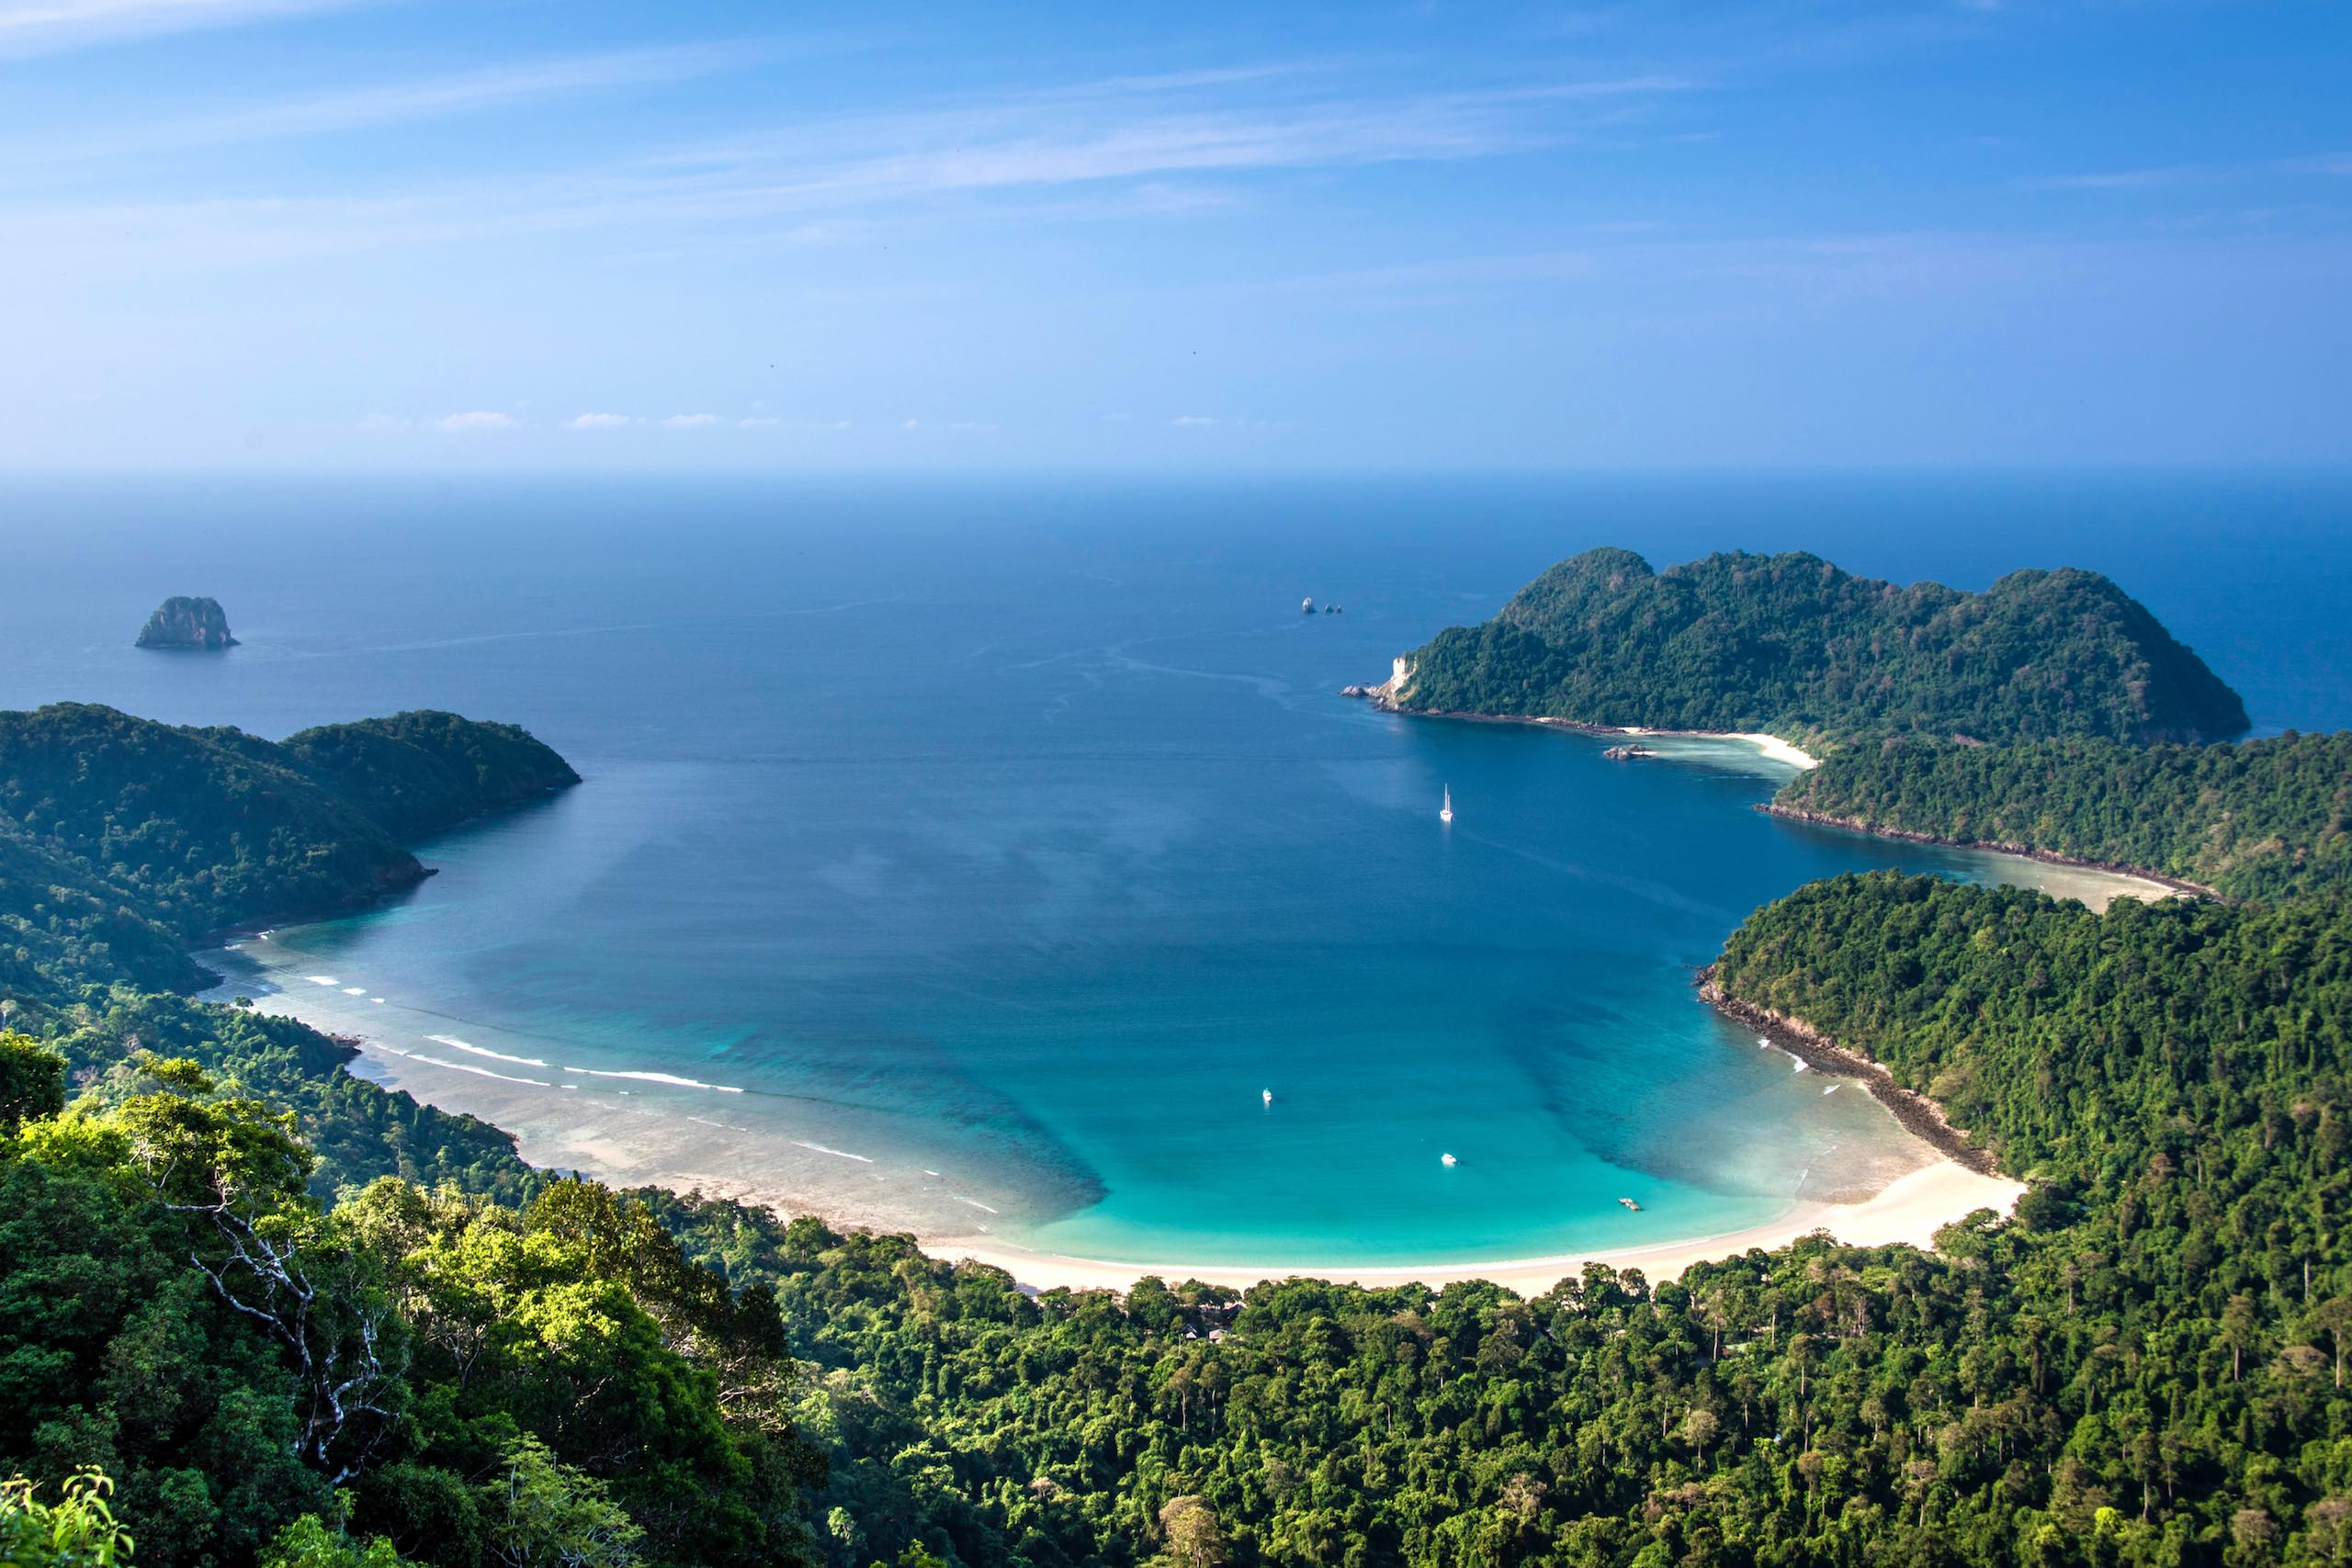 Macleod Island Mergui Archipelago Myanmar